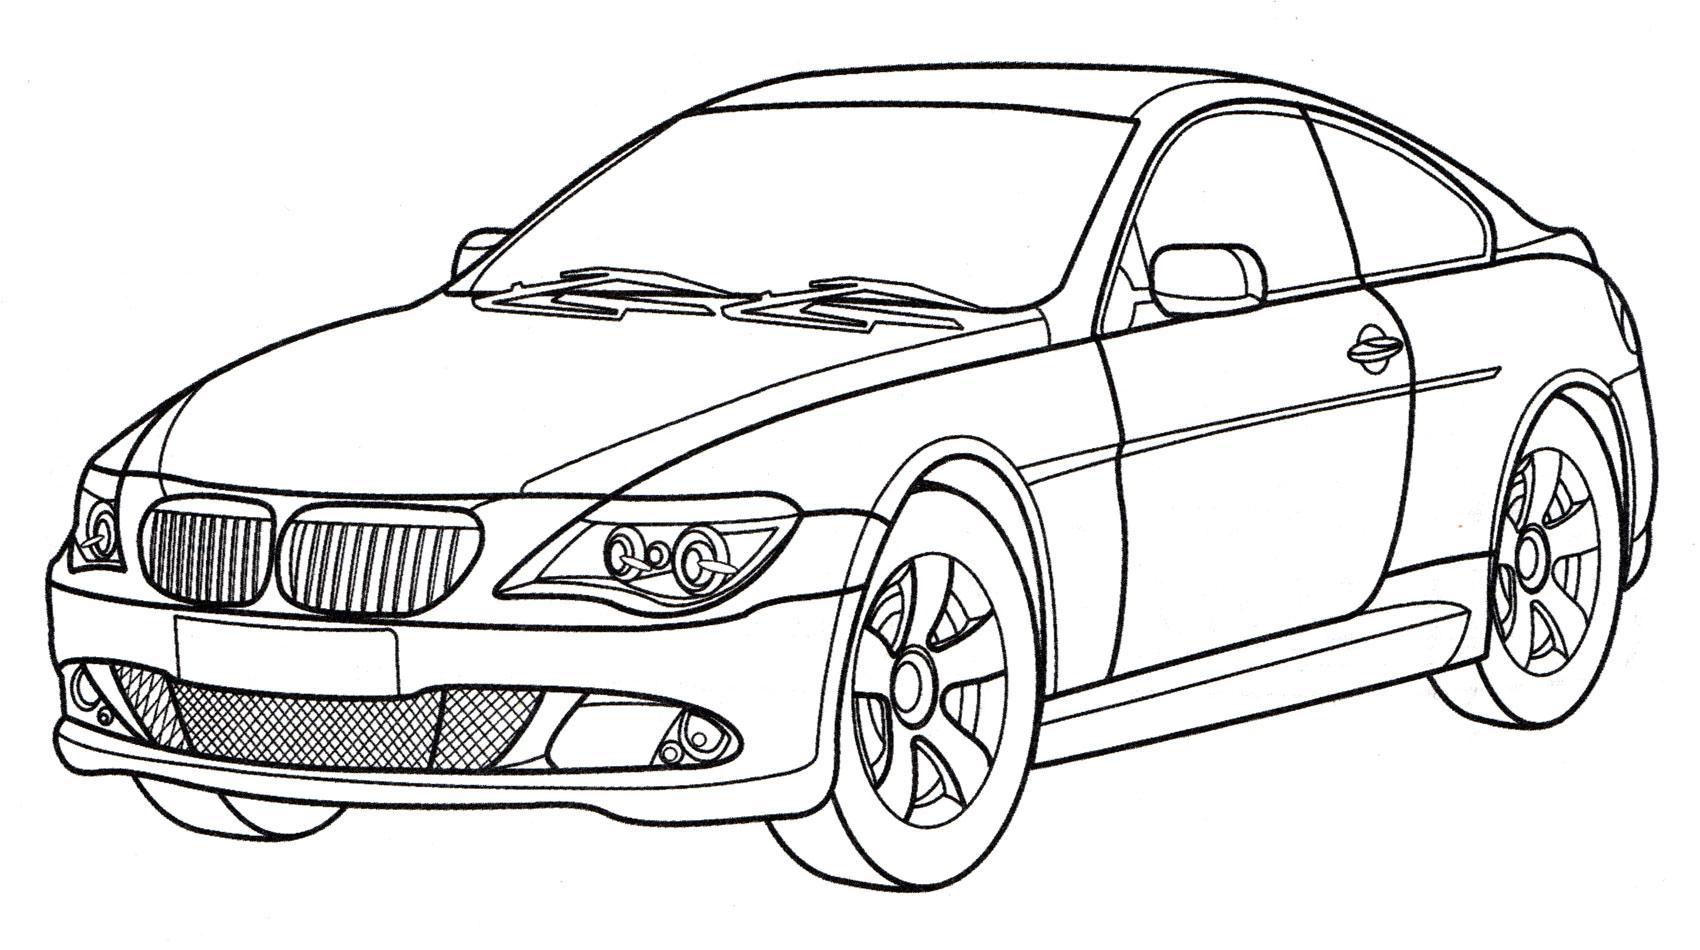 Раскраска BMW 650i Coupe - распечатать бесплатно